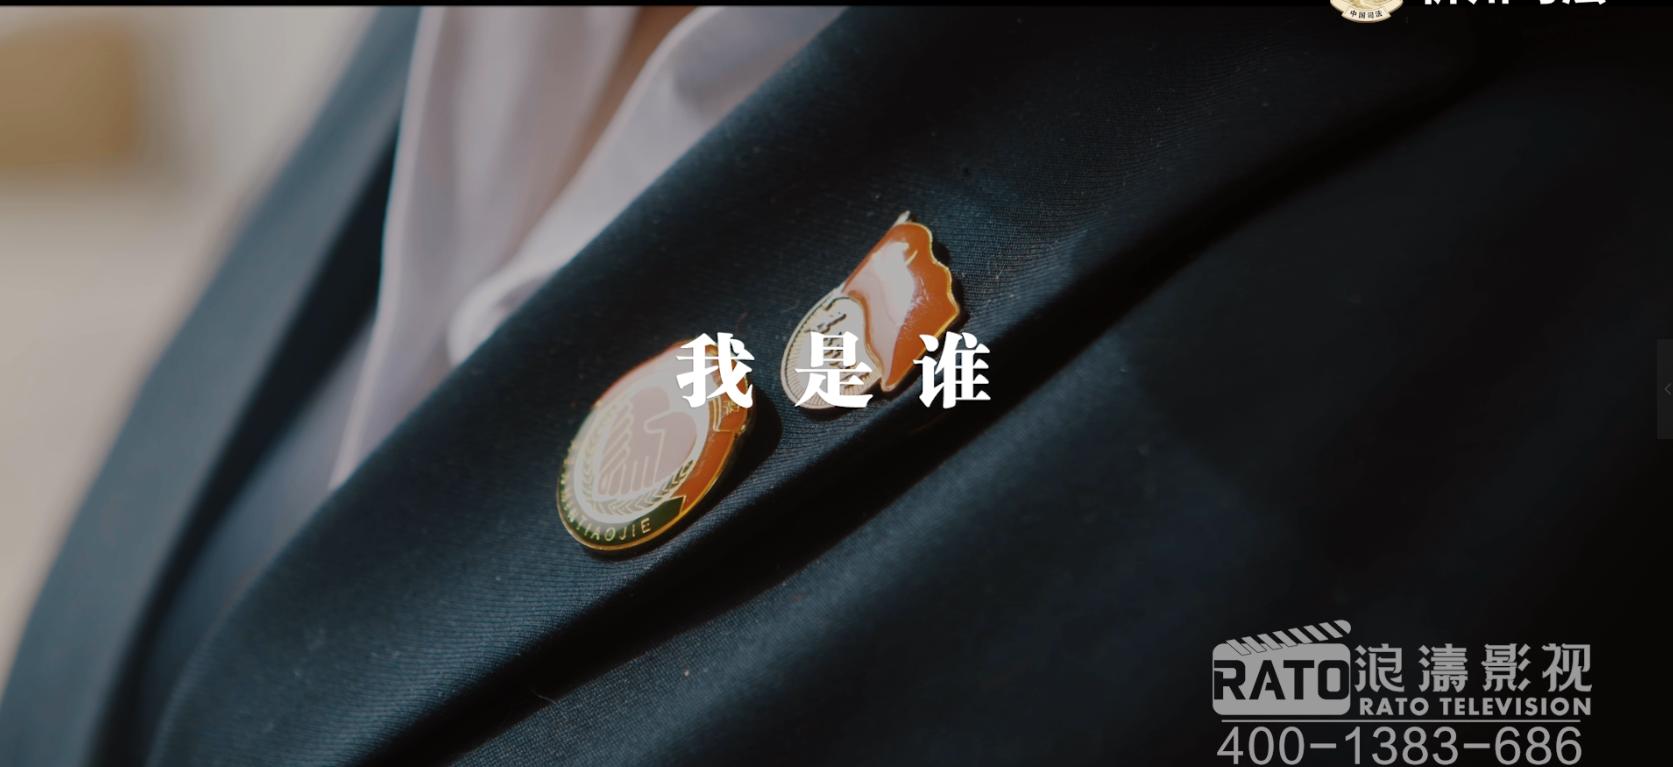 忻州司法系列公益短片-基层矛盾调解篇